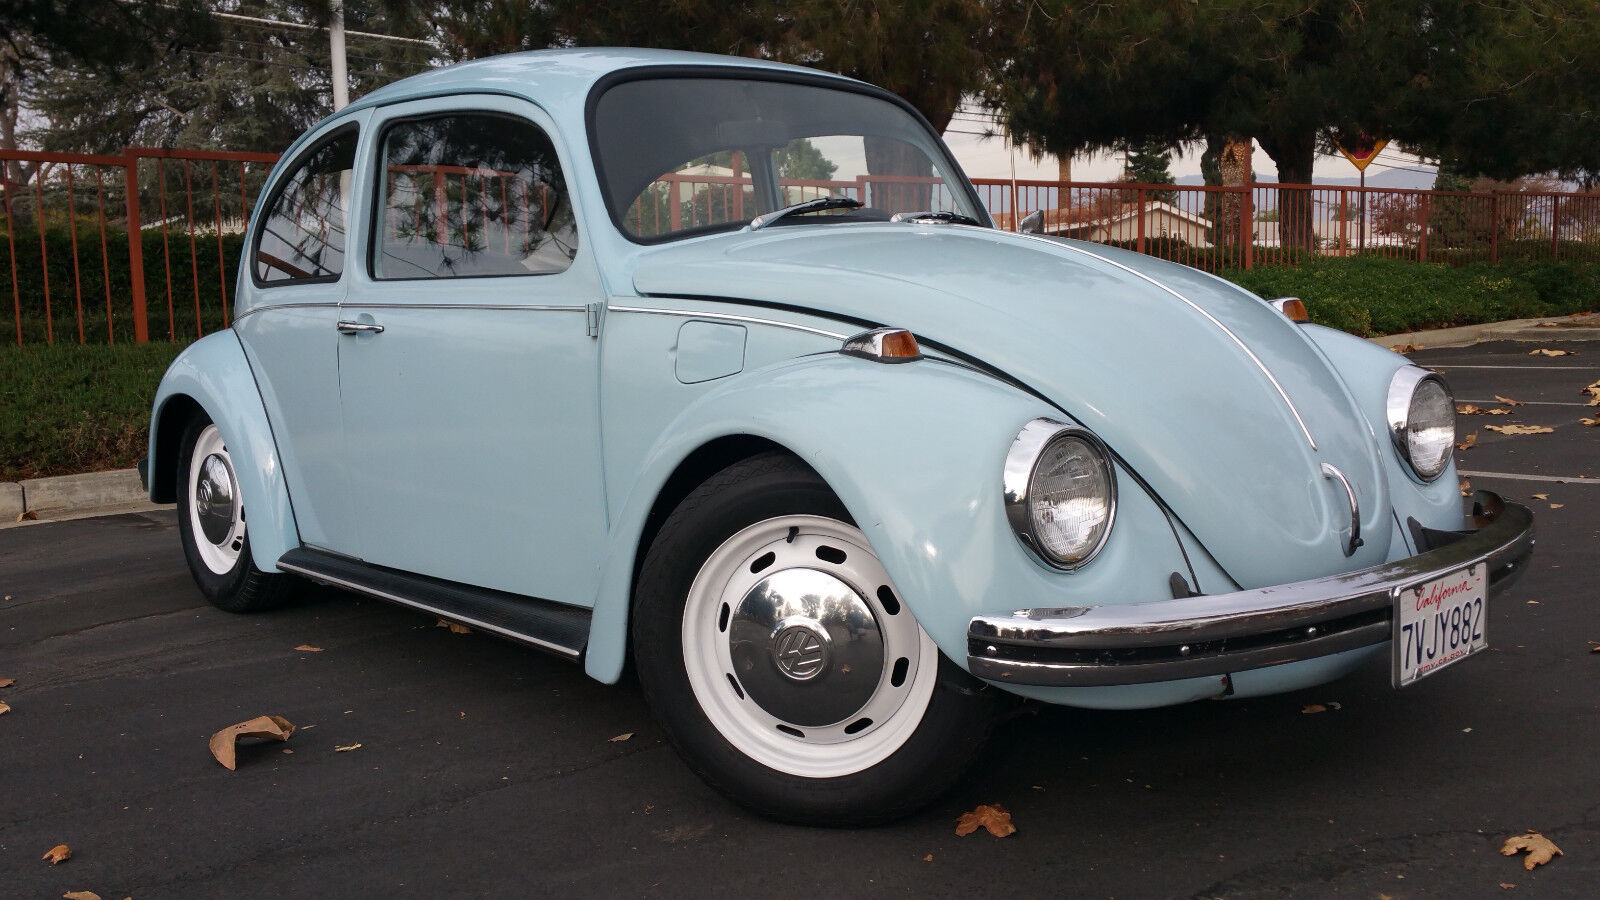 1968 Volkswagen Beetle - Classic Bug: 1968 Volkswagen Beetle - Classic Bug